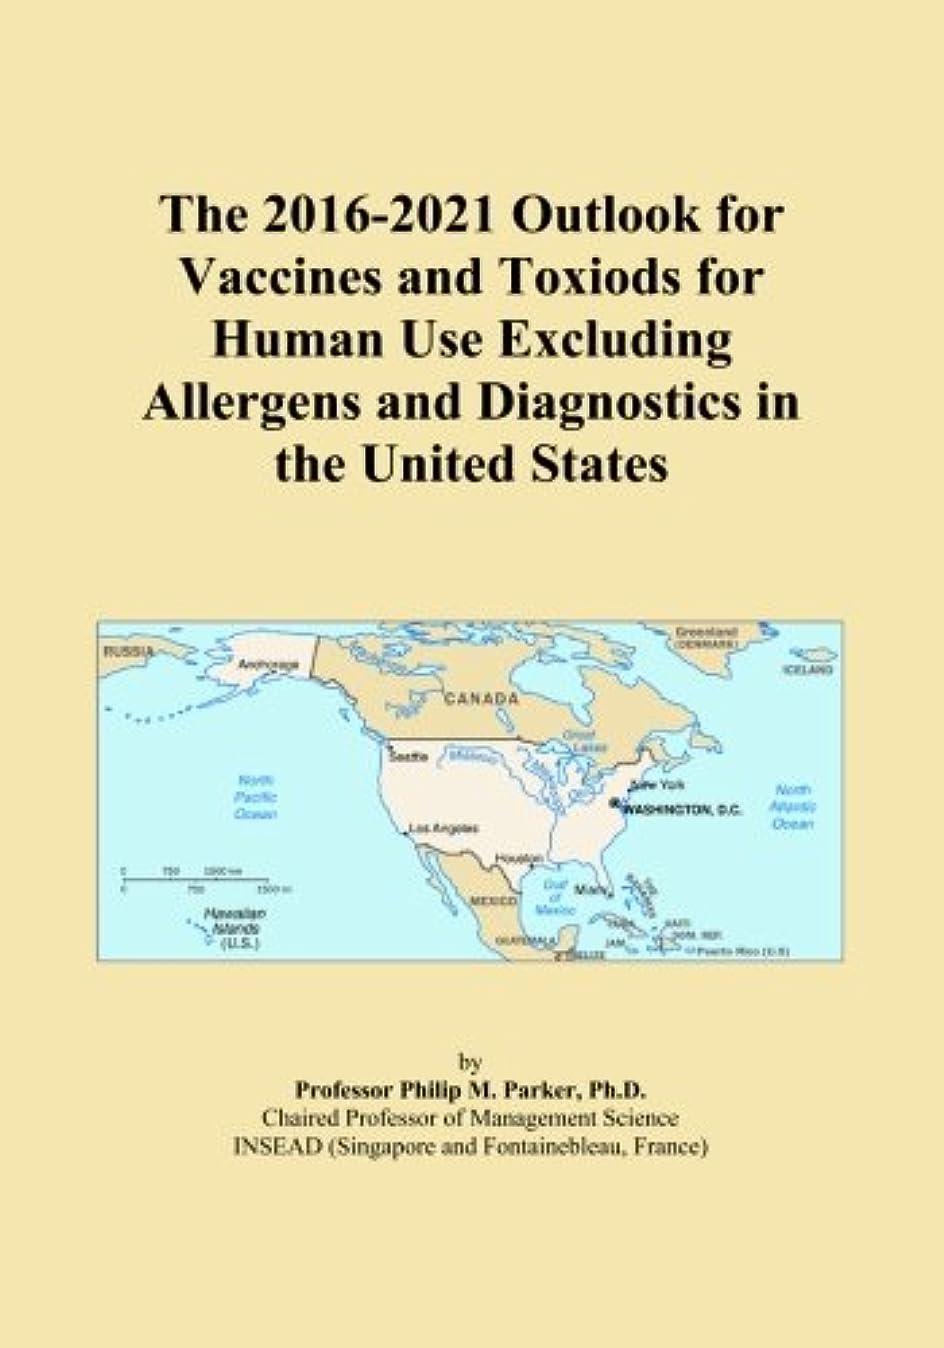 主権者オペレーター軽減The 2016-2021 Outlook for Vaccines and Toxiods for Human Use Excluding Allergens and Diagnostics in the United States